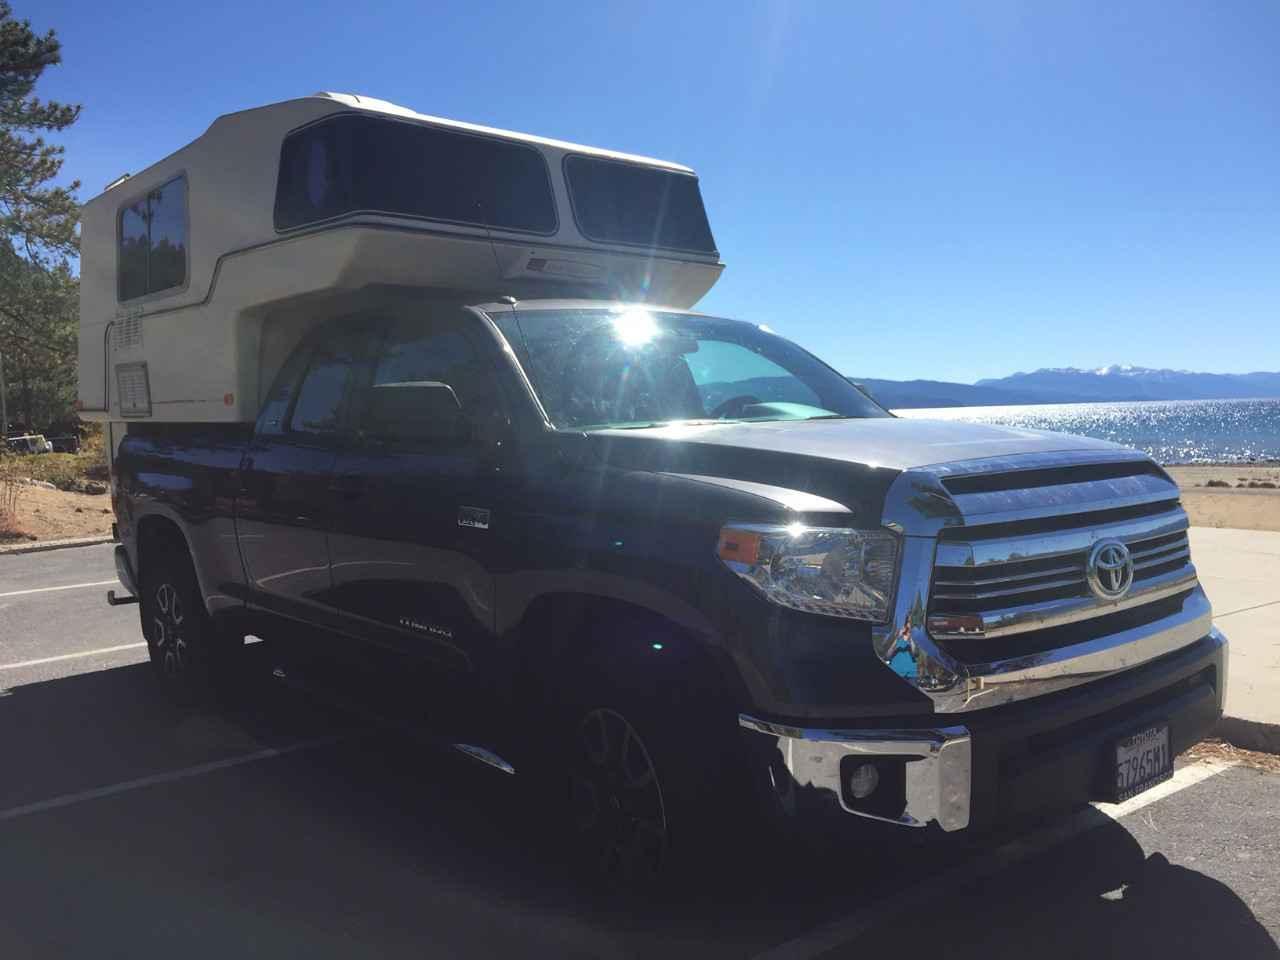 1977 Used 4X4 Truck Camper in Nevada NV